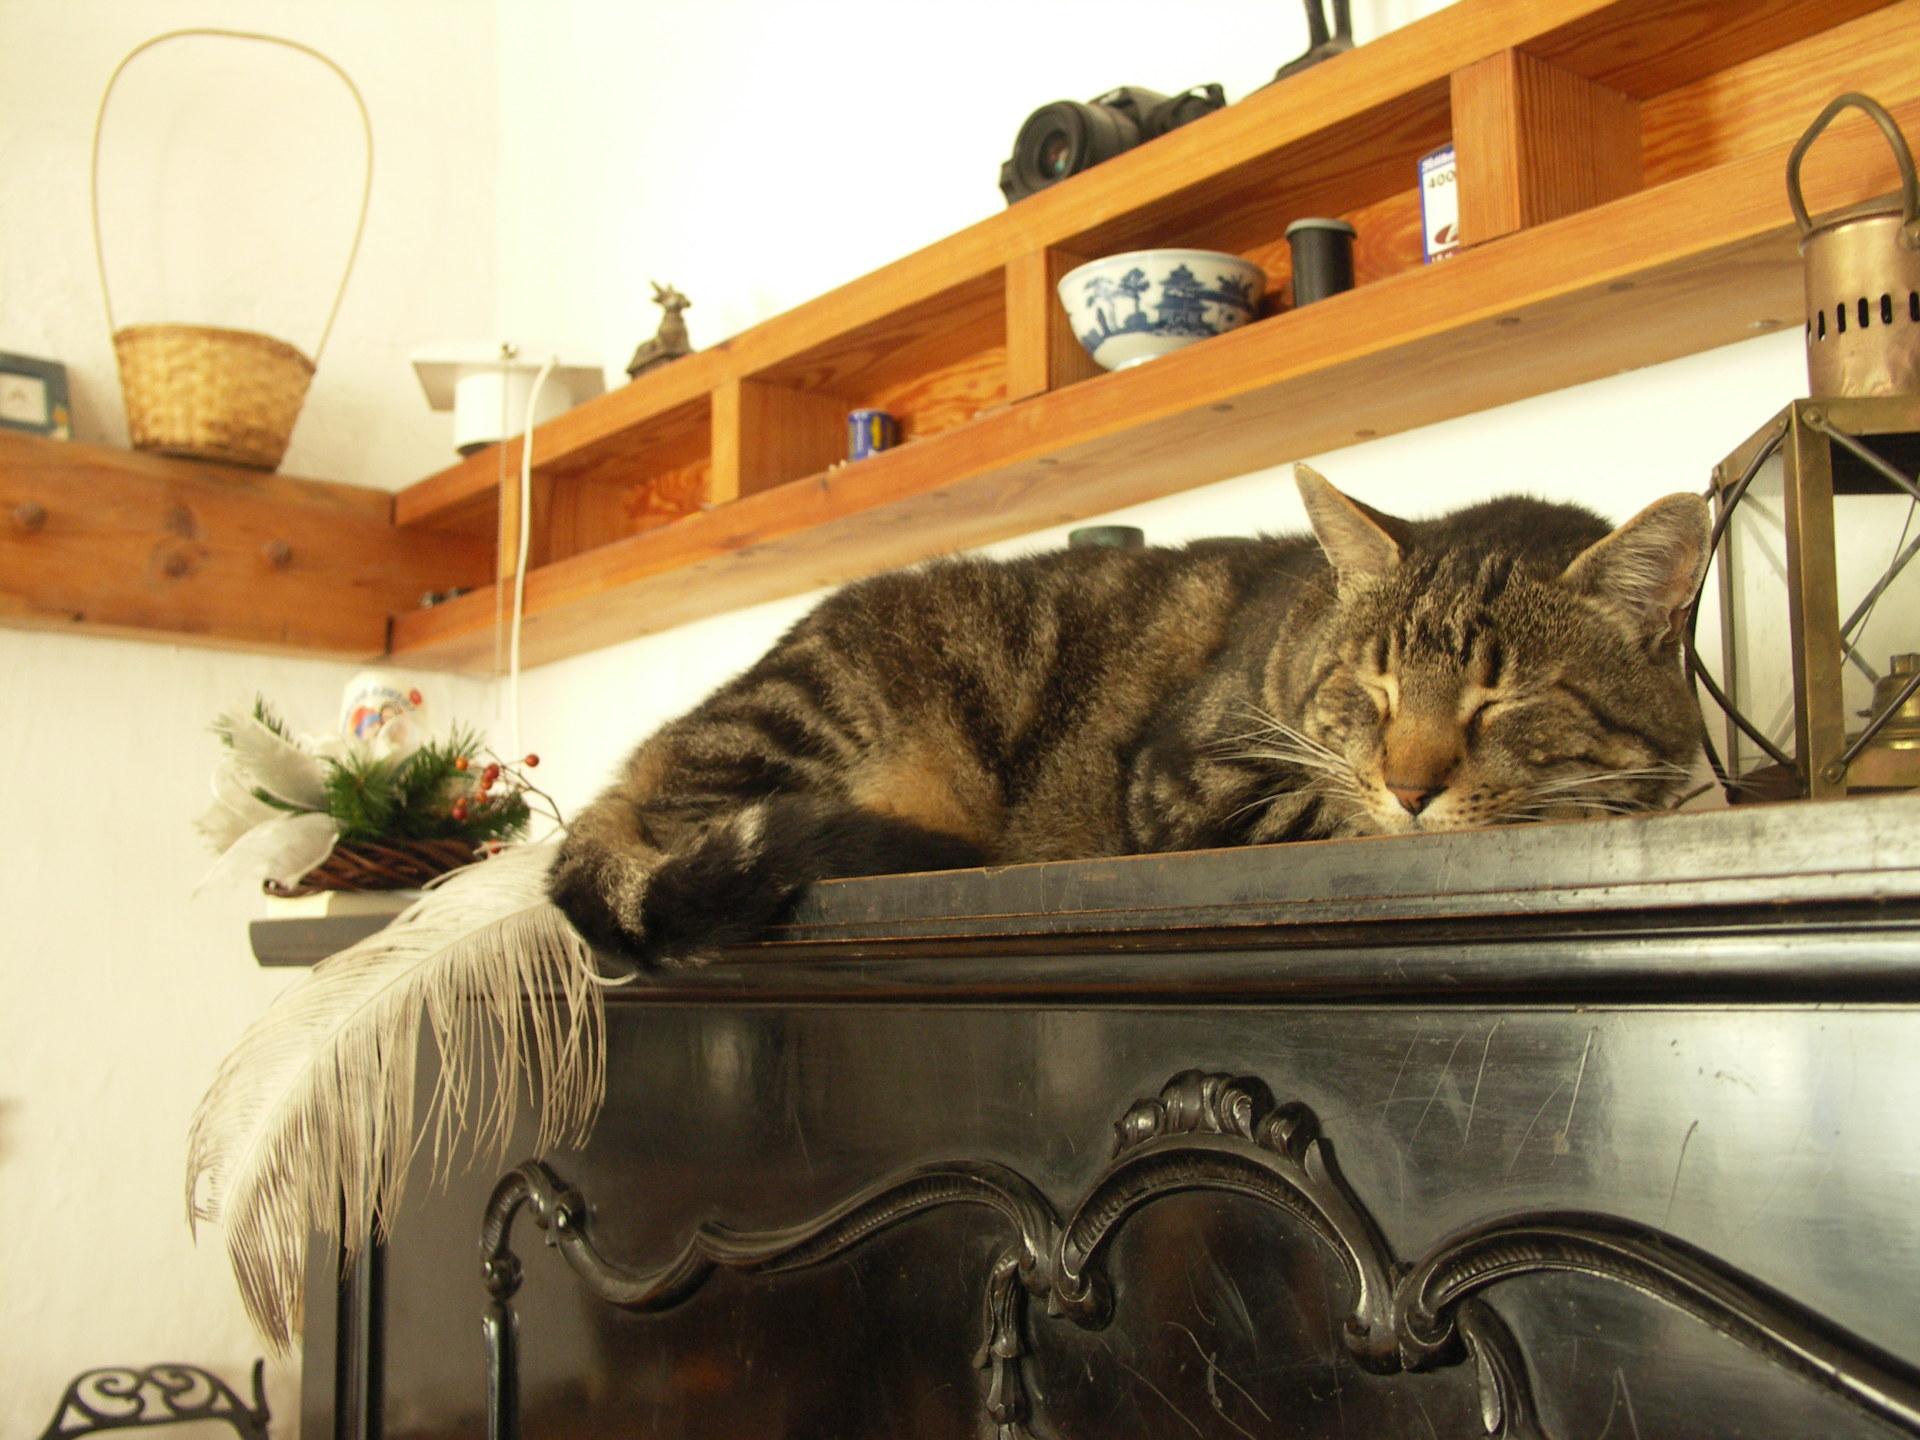 Kot leżący na szafce w domu.